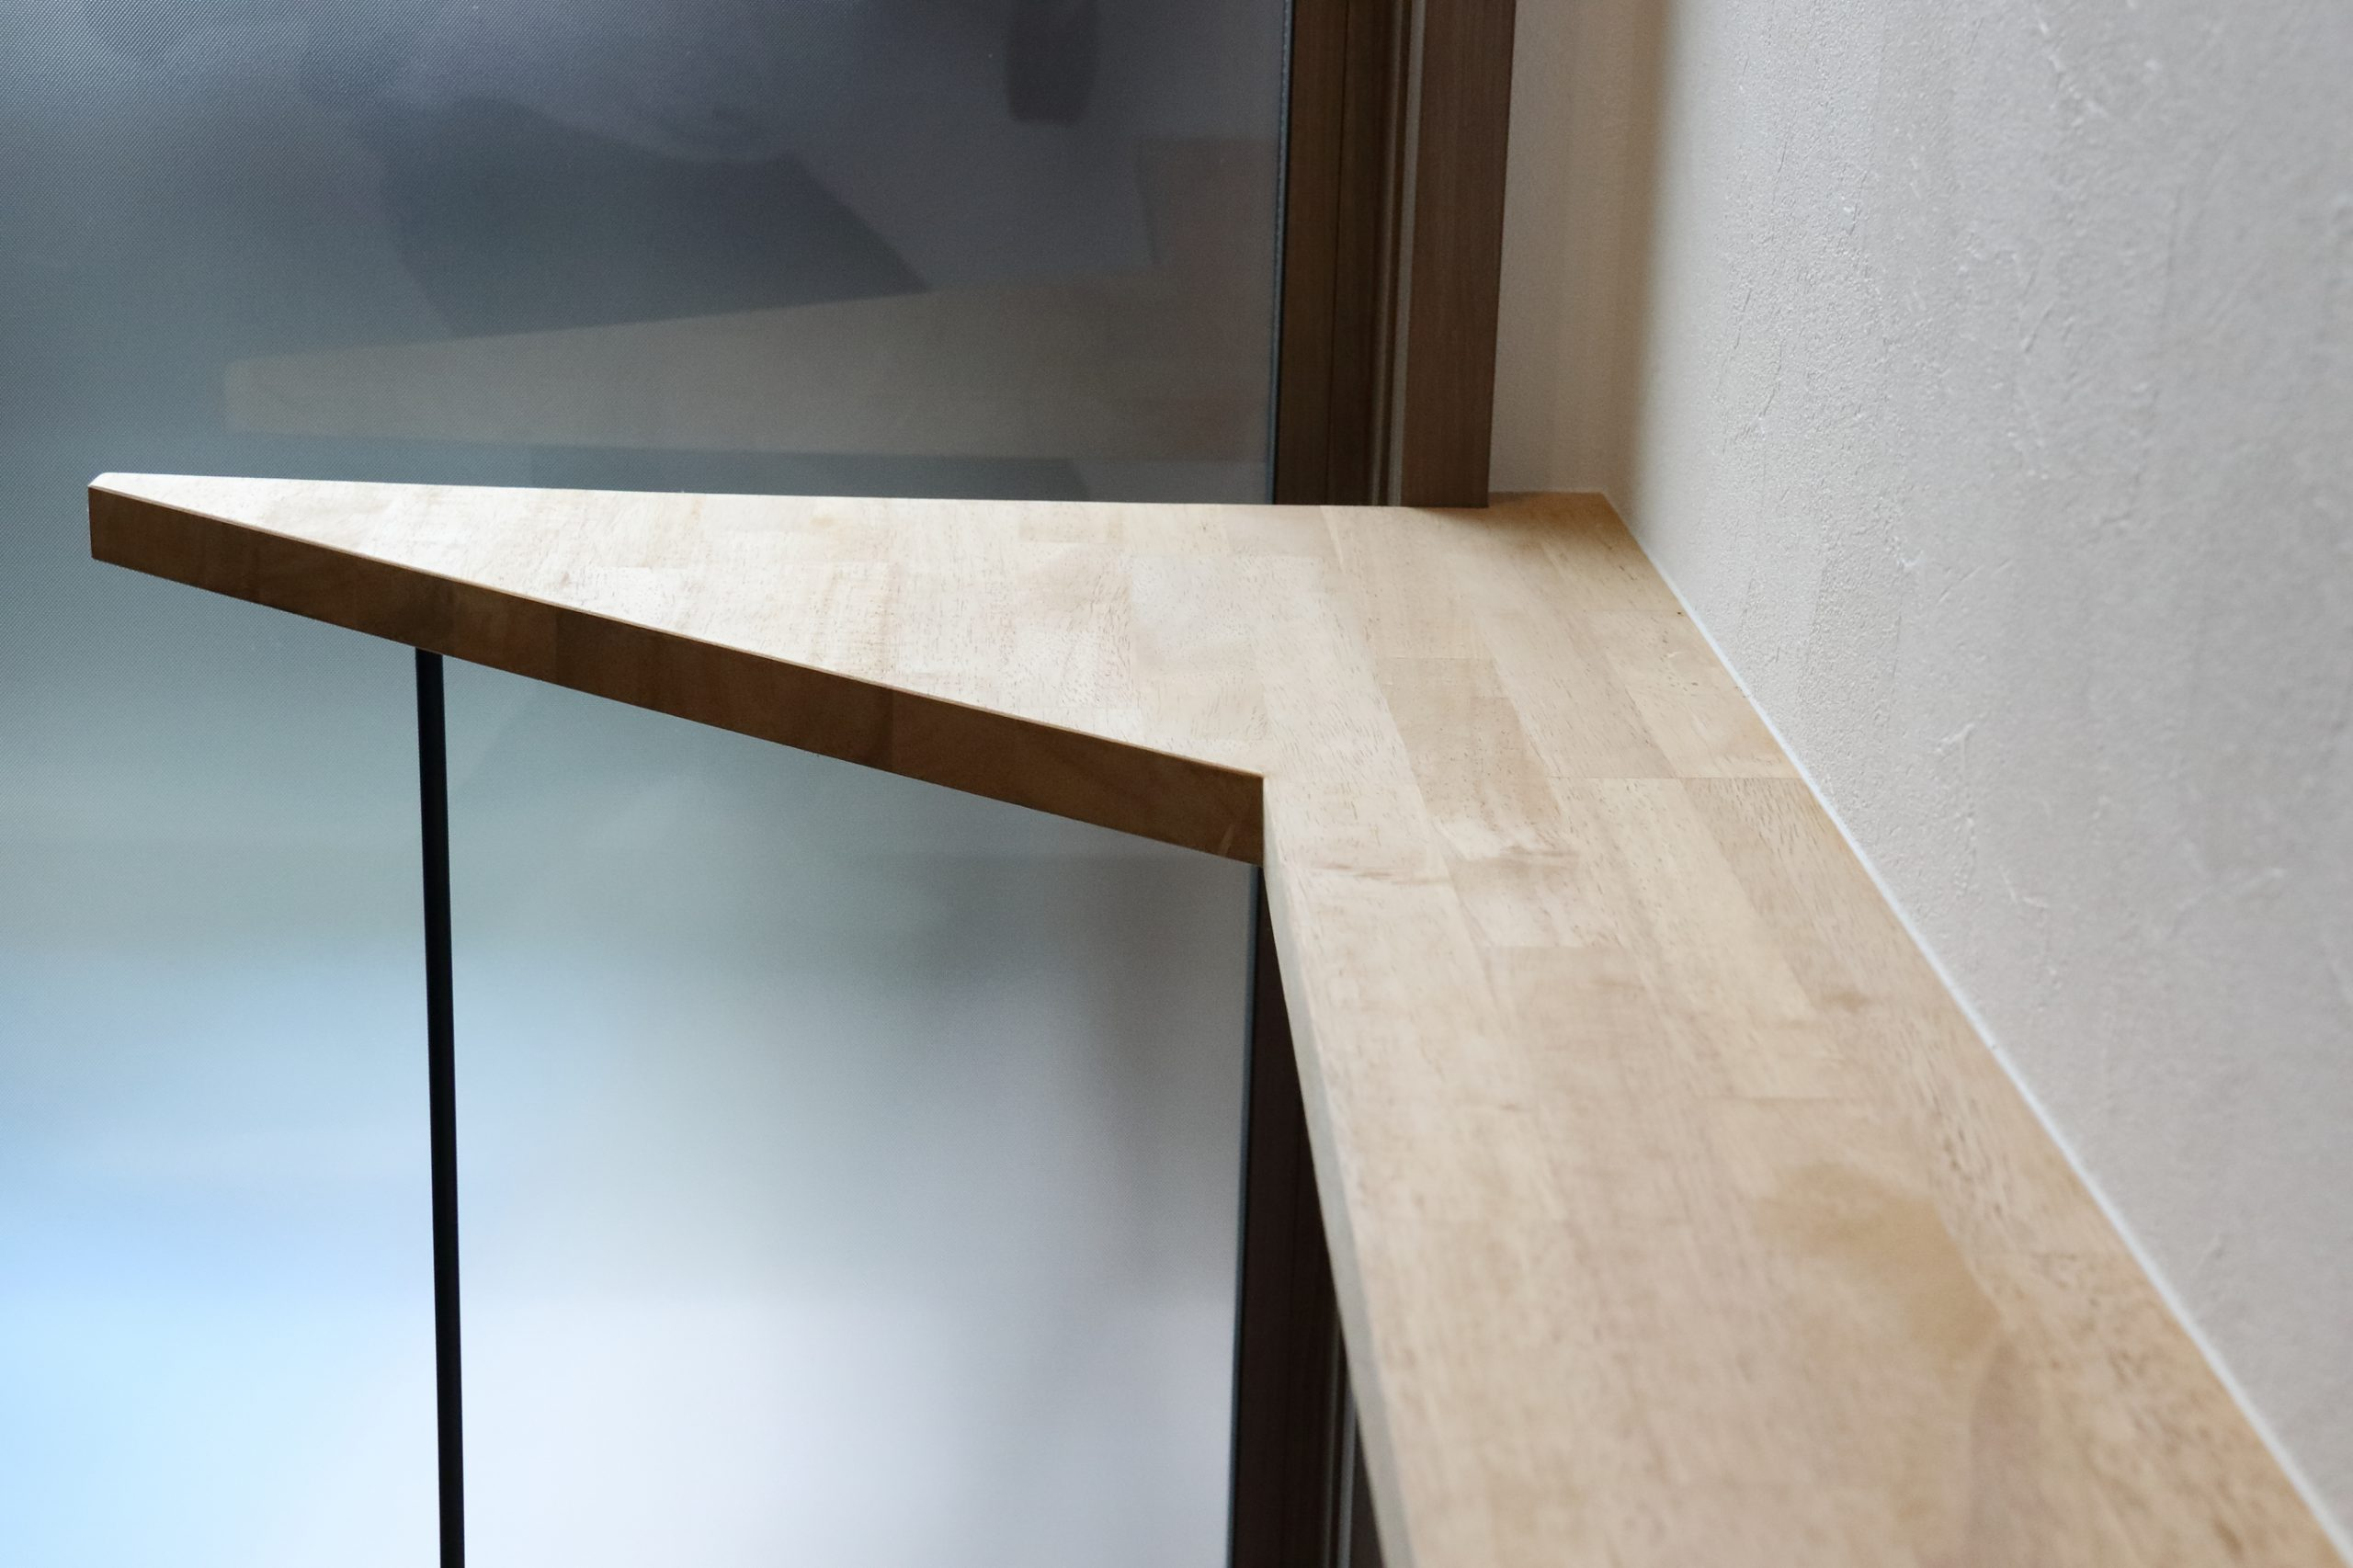 大空間の吹き抜けと採光でデザインされた平屋